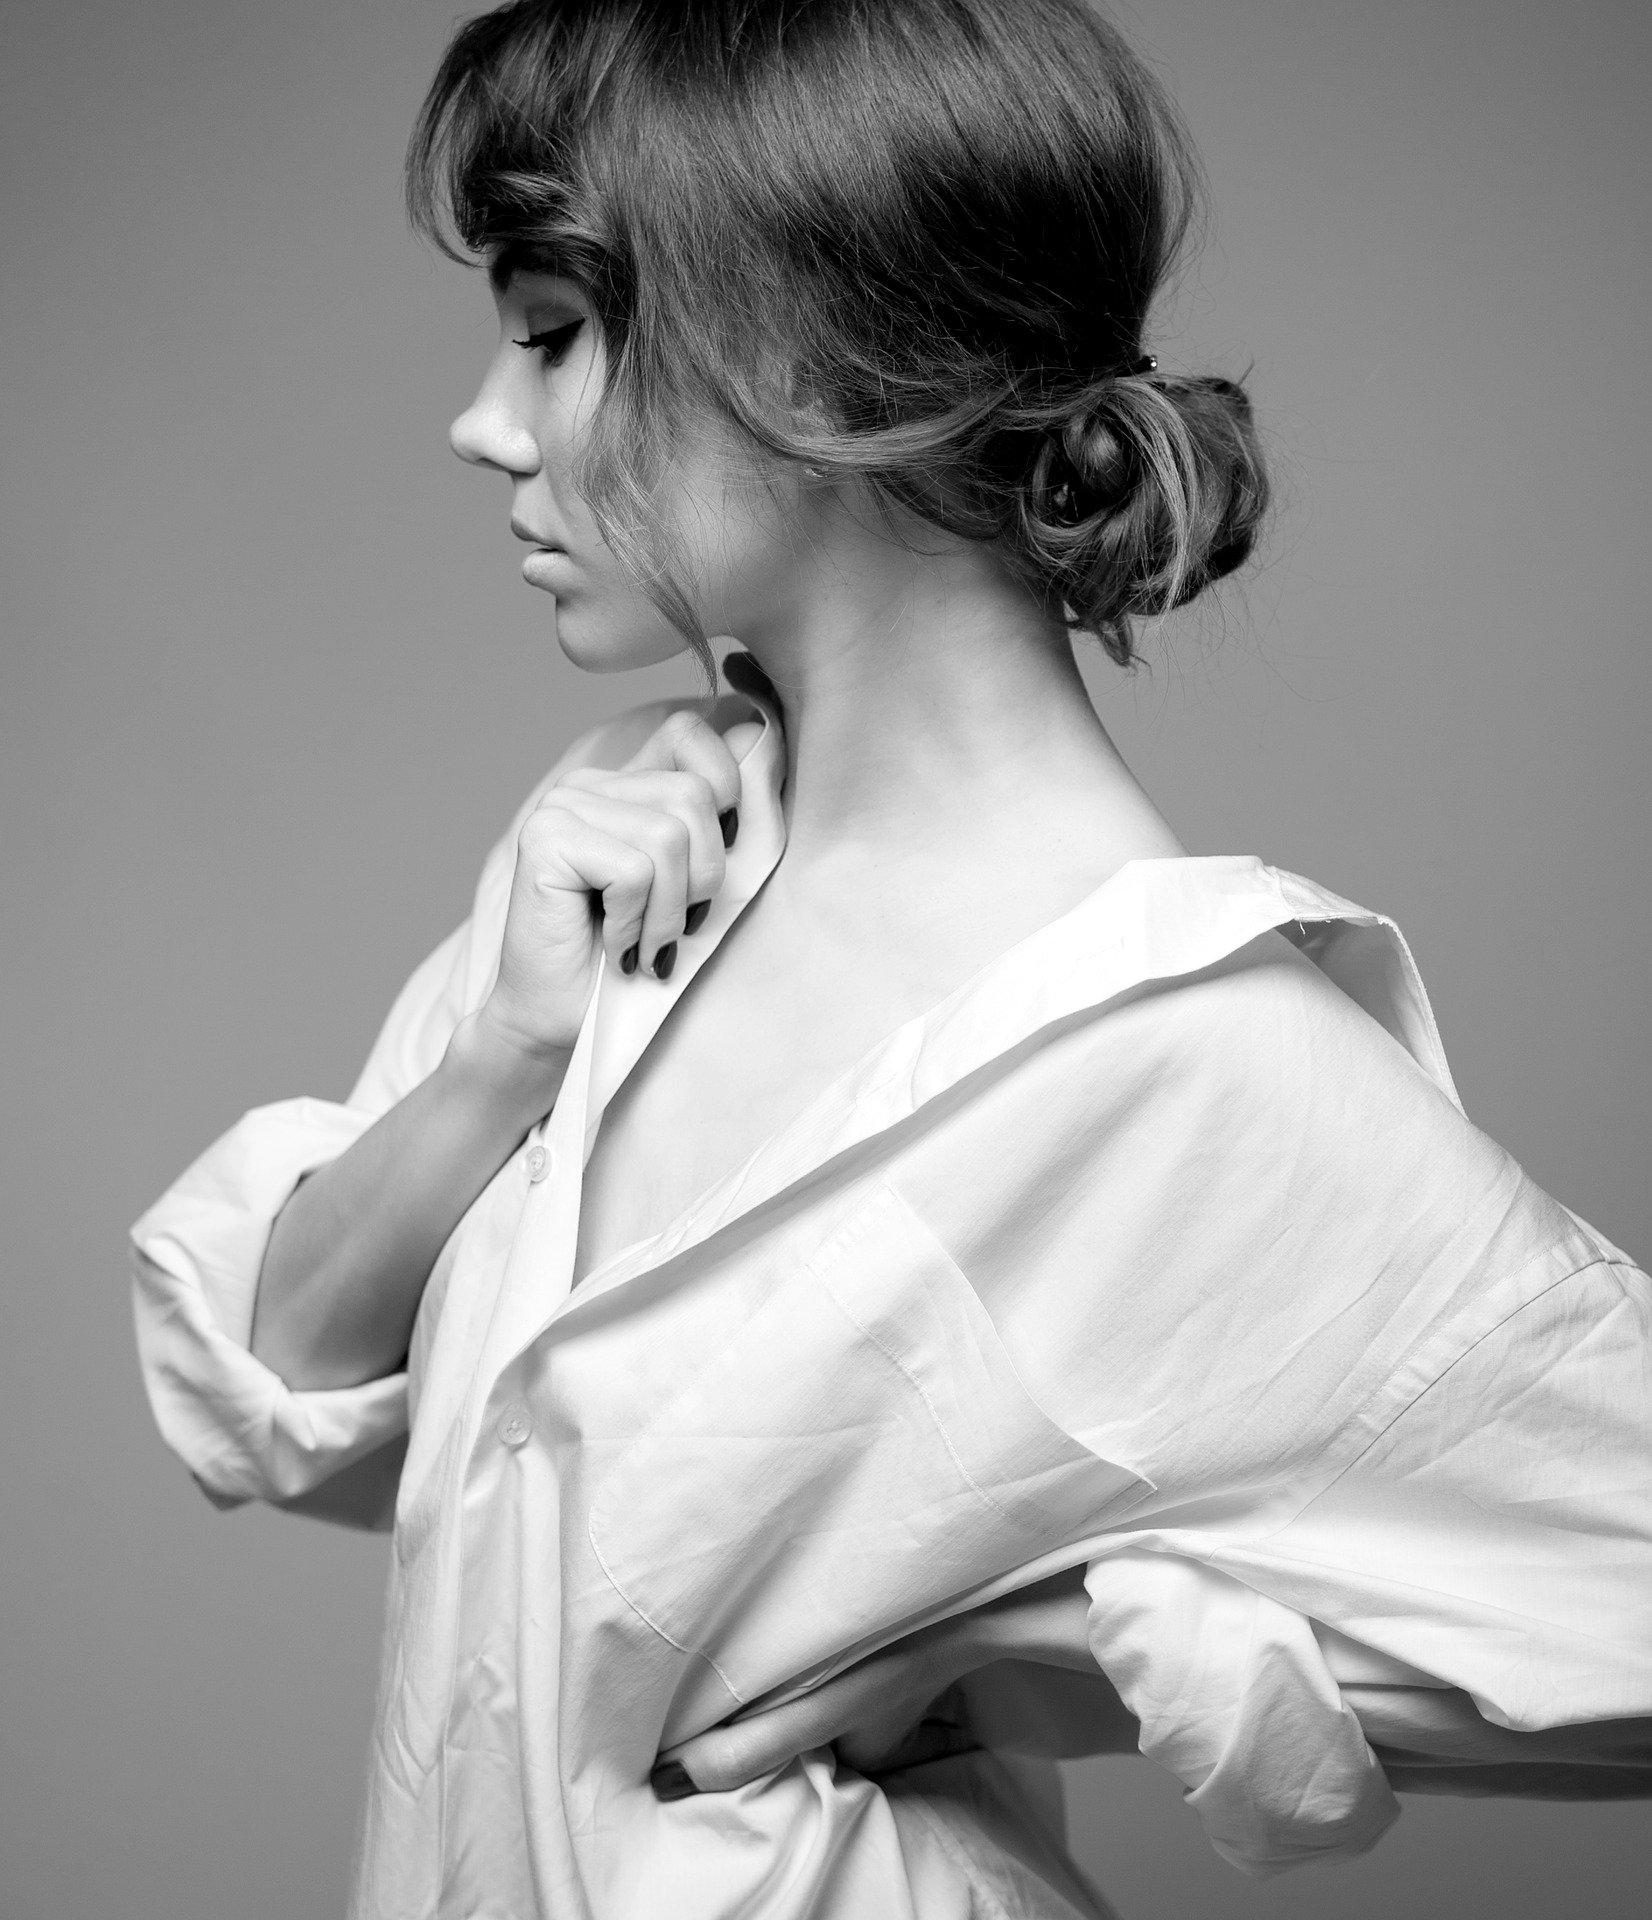 fotografo moda alicante